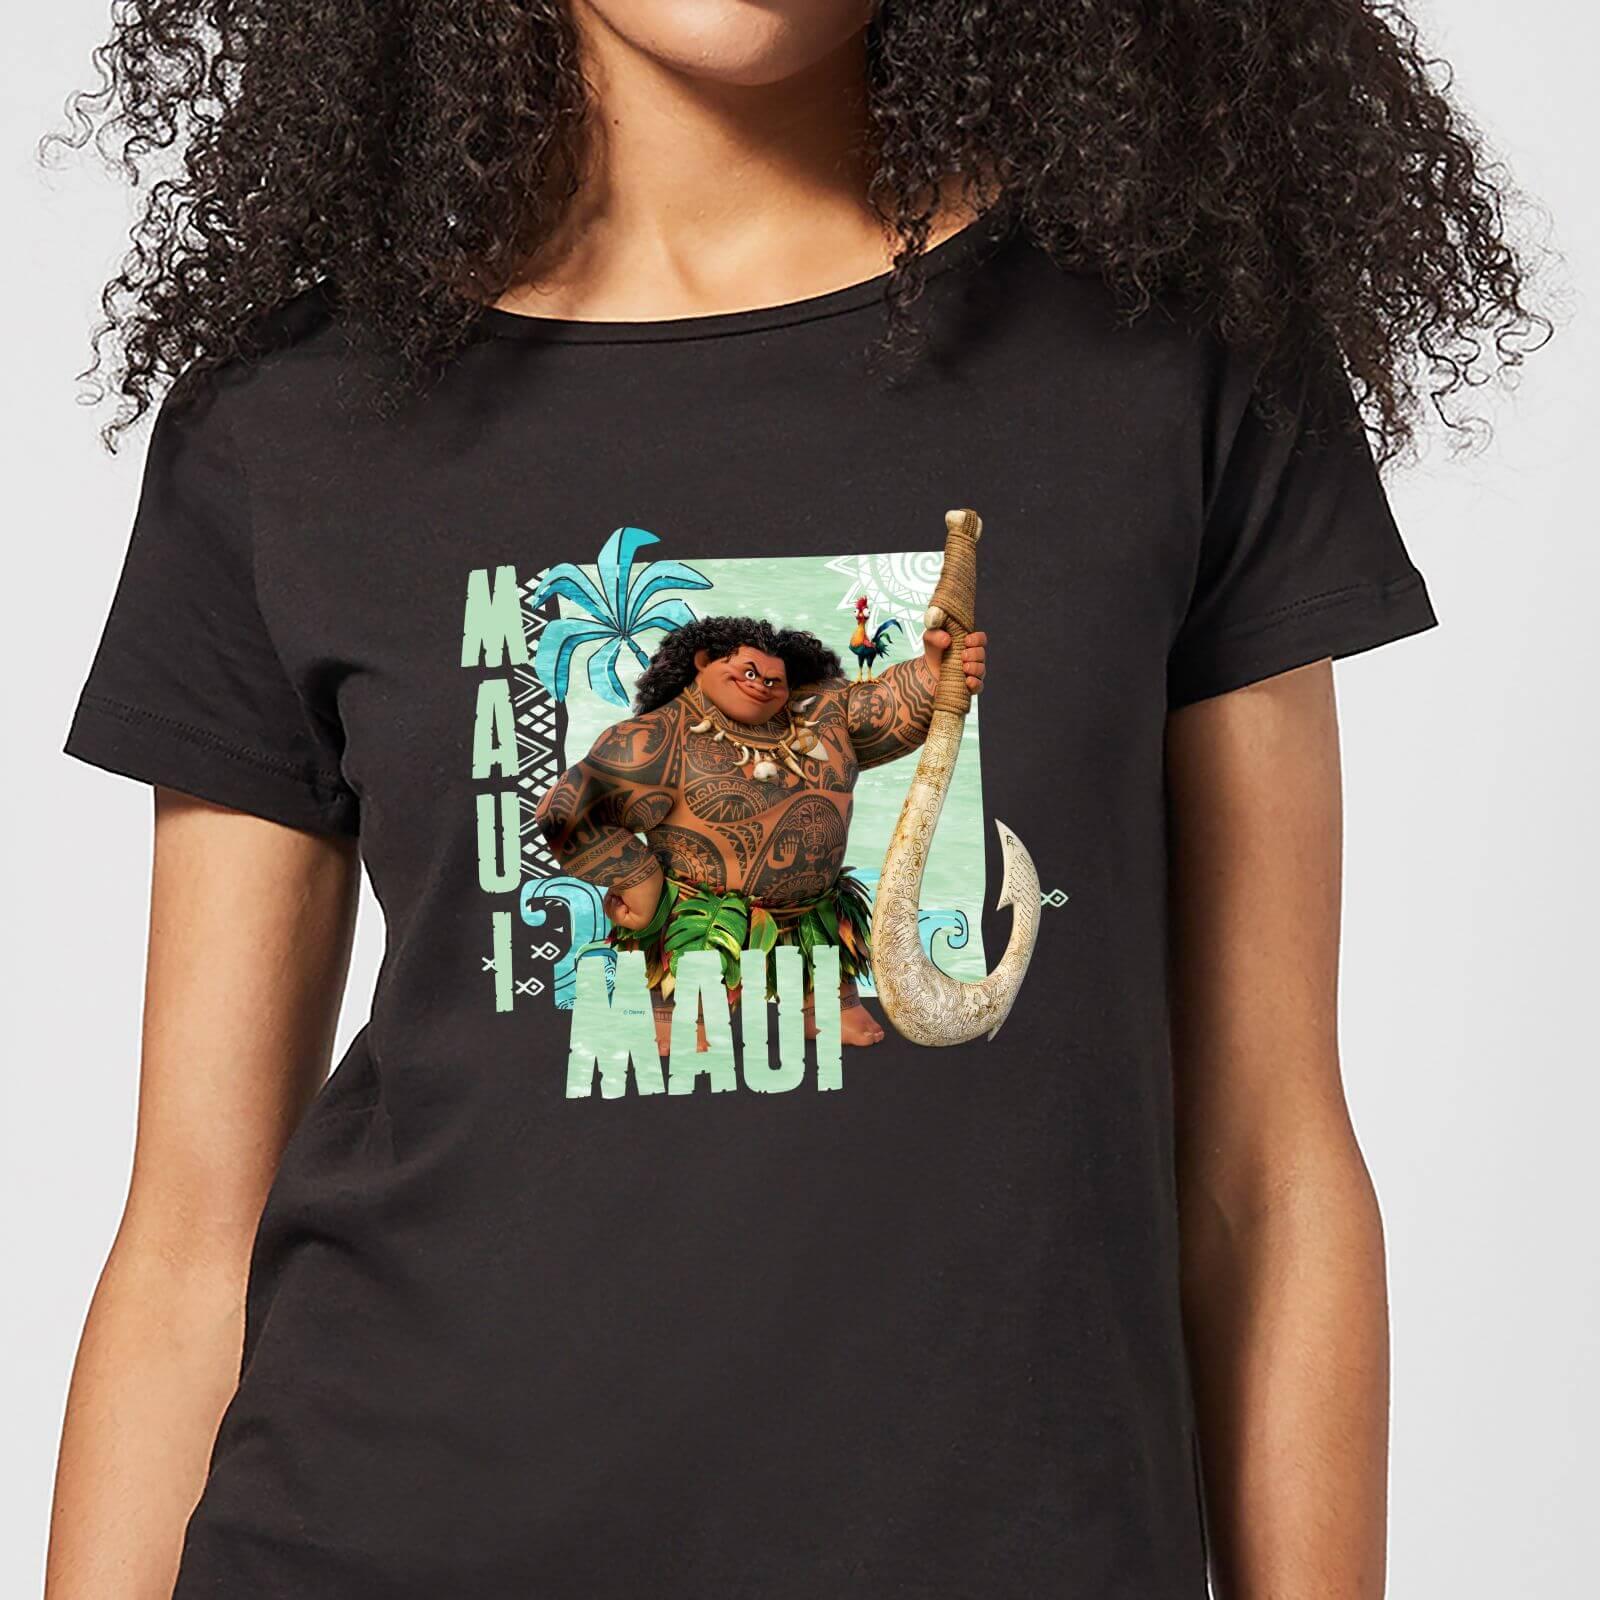 Disney Moana Maui Women's T-Shirt - Black - XS - Black